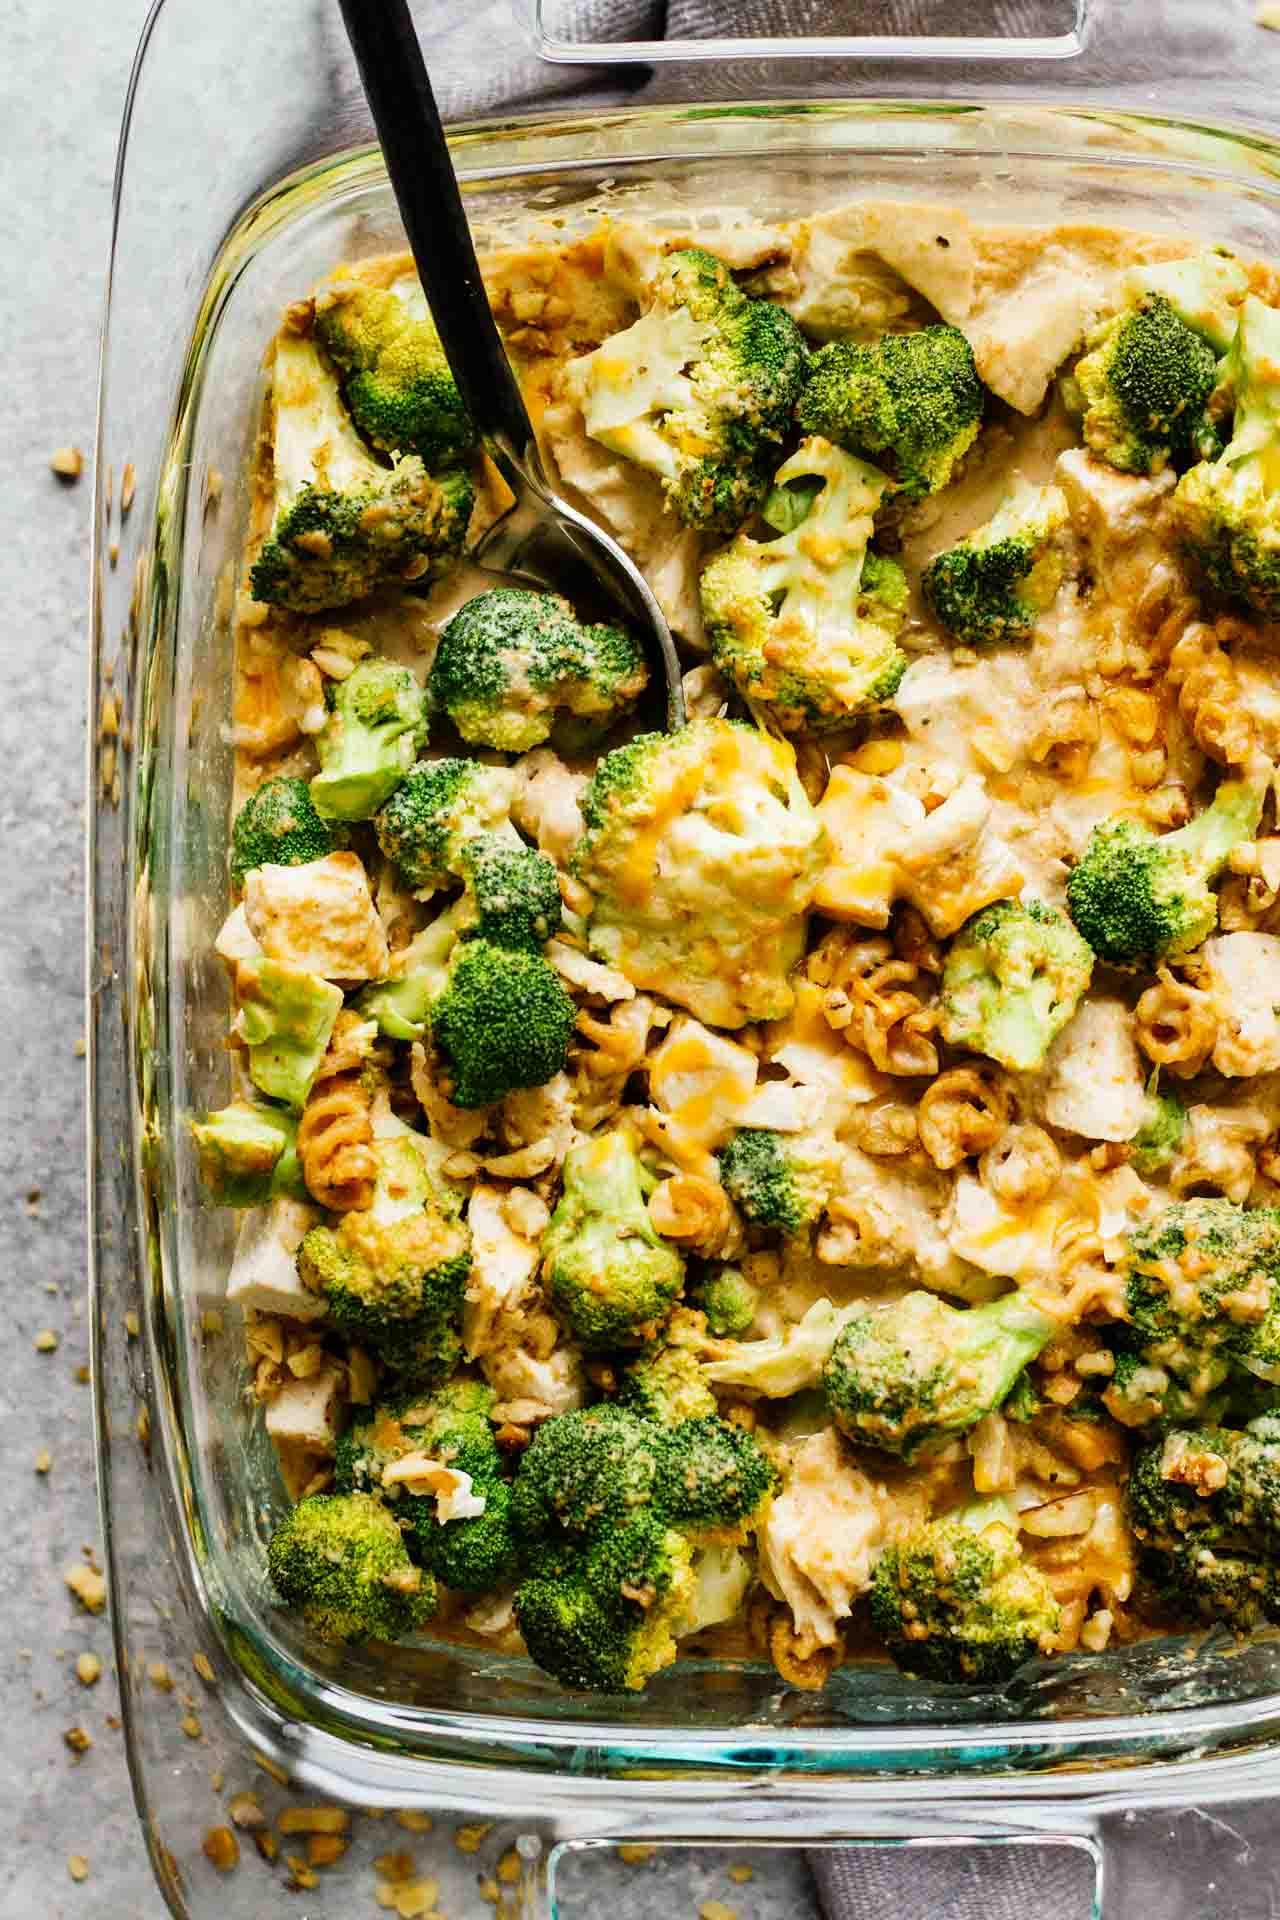 Broccoli Chicken Casserole Healthy  Healthy Chicken Broccoli Pasta Casserole Jar Lemons